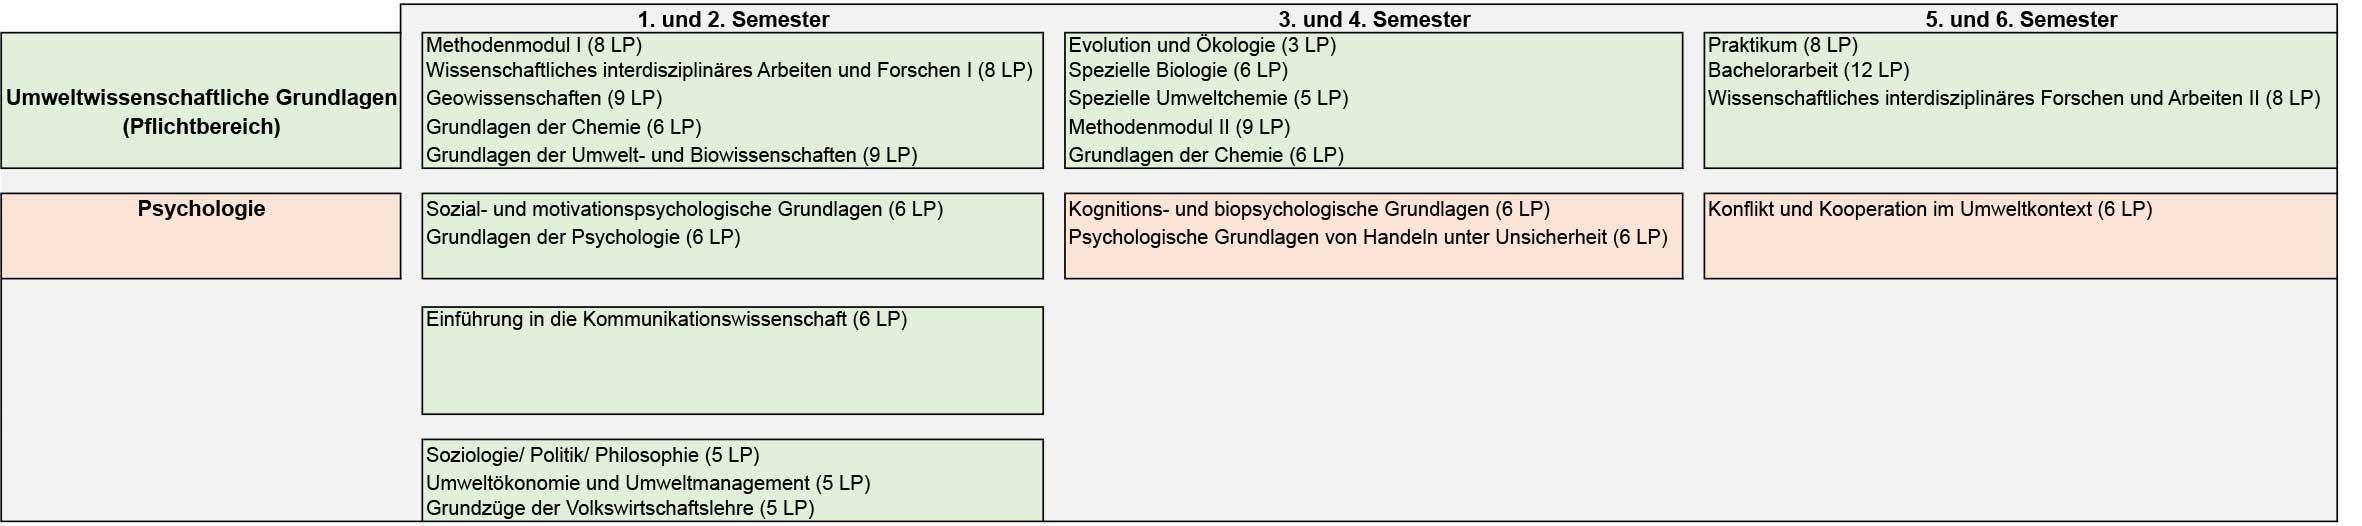 Sie sehen den exemplarischen Verlaufsplan für die Profillinie Psychologie